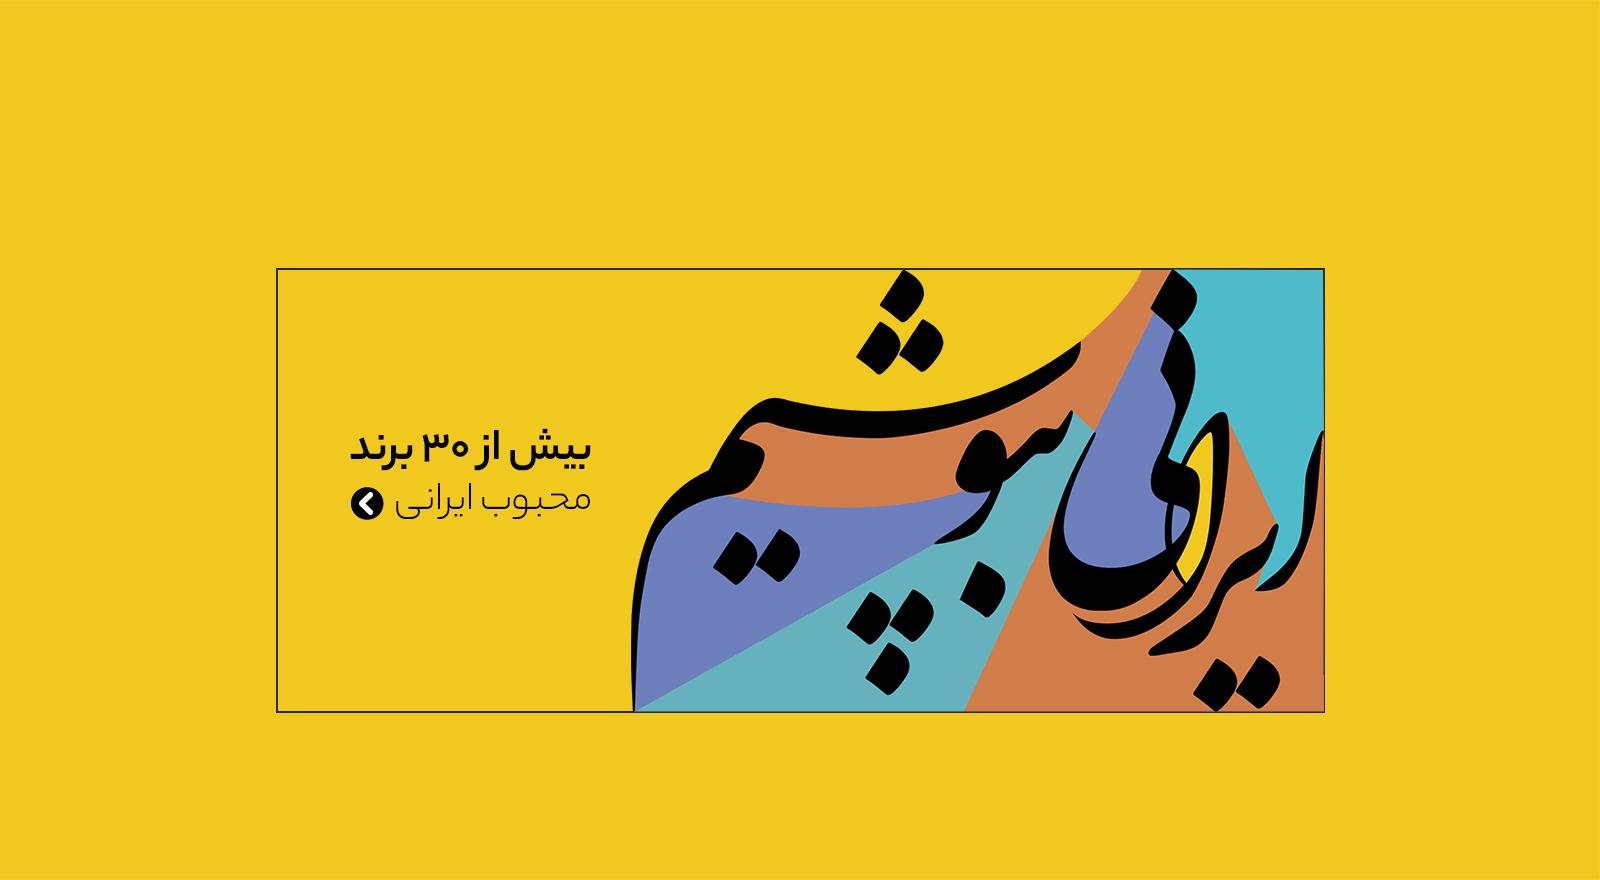 ایرانی بپوشیم